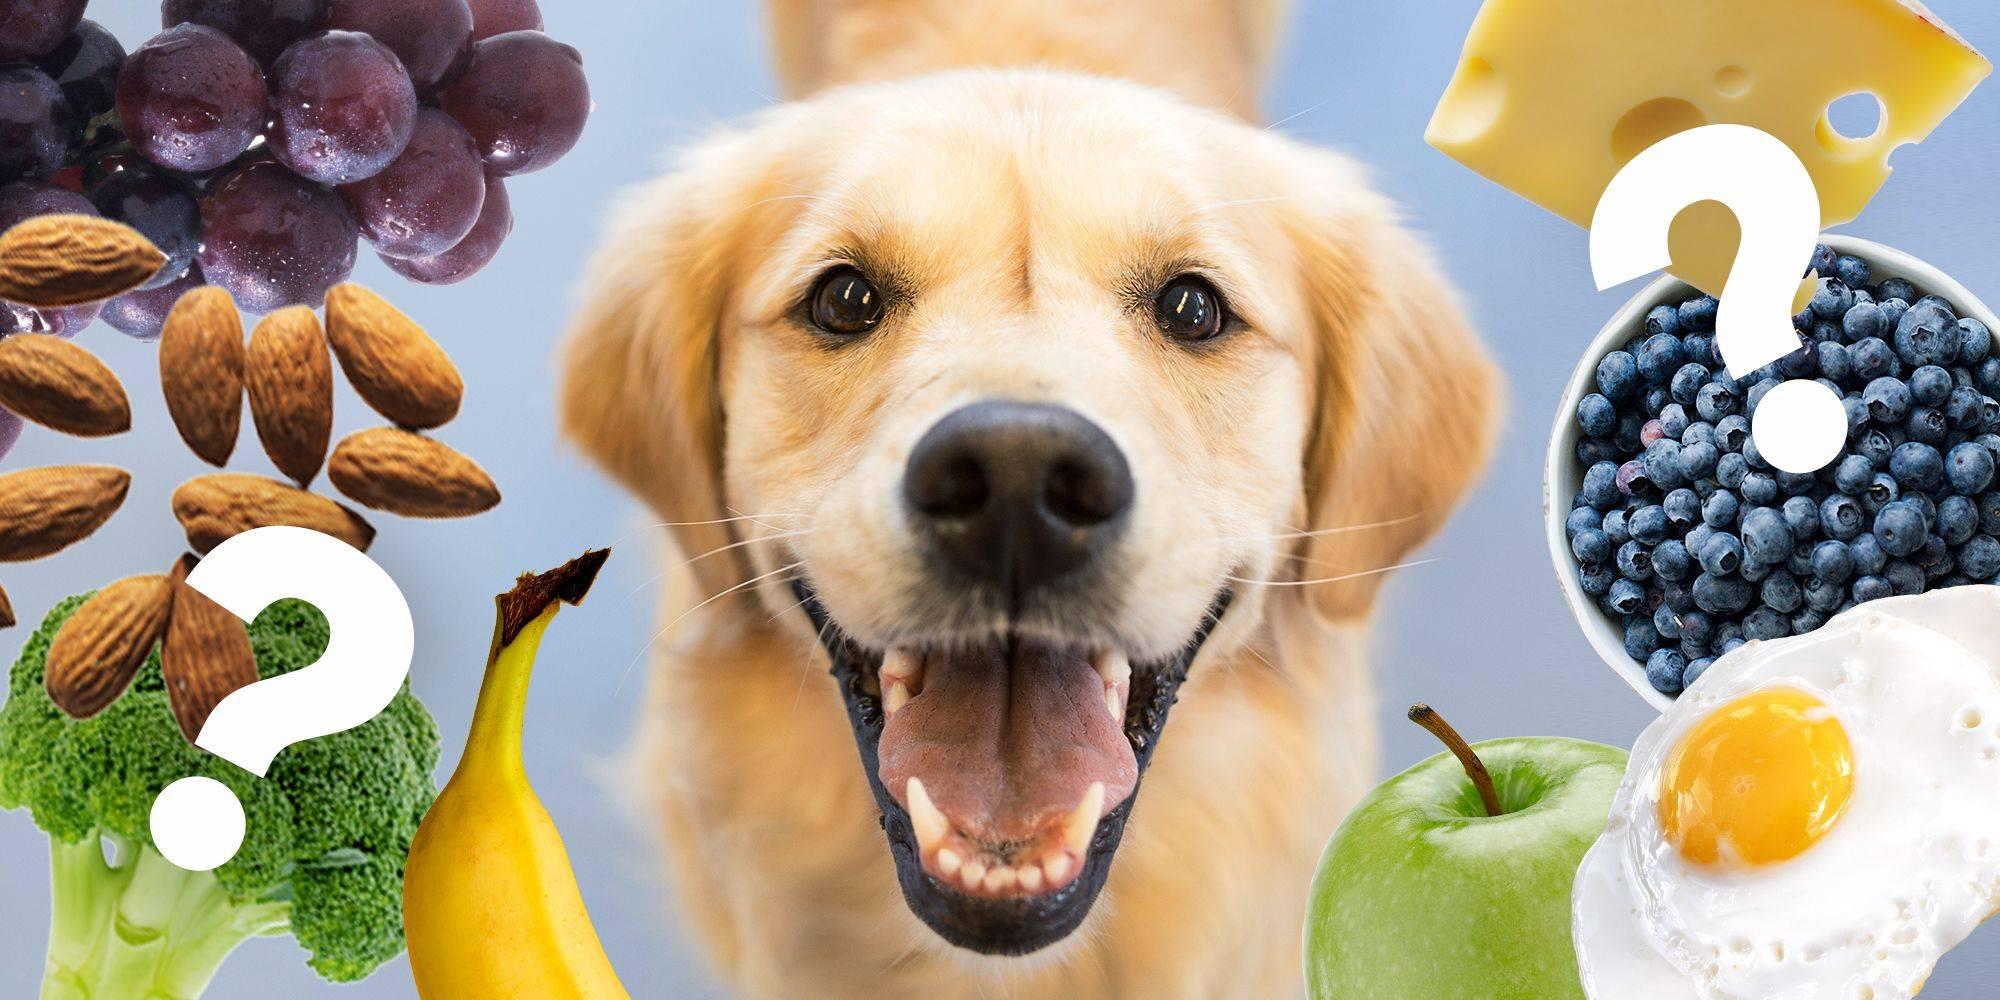 Чем нельзя кормить собаку: запрещенные и опасные продукты